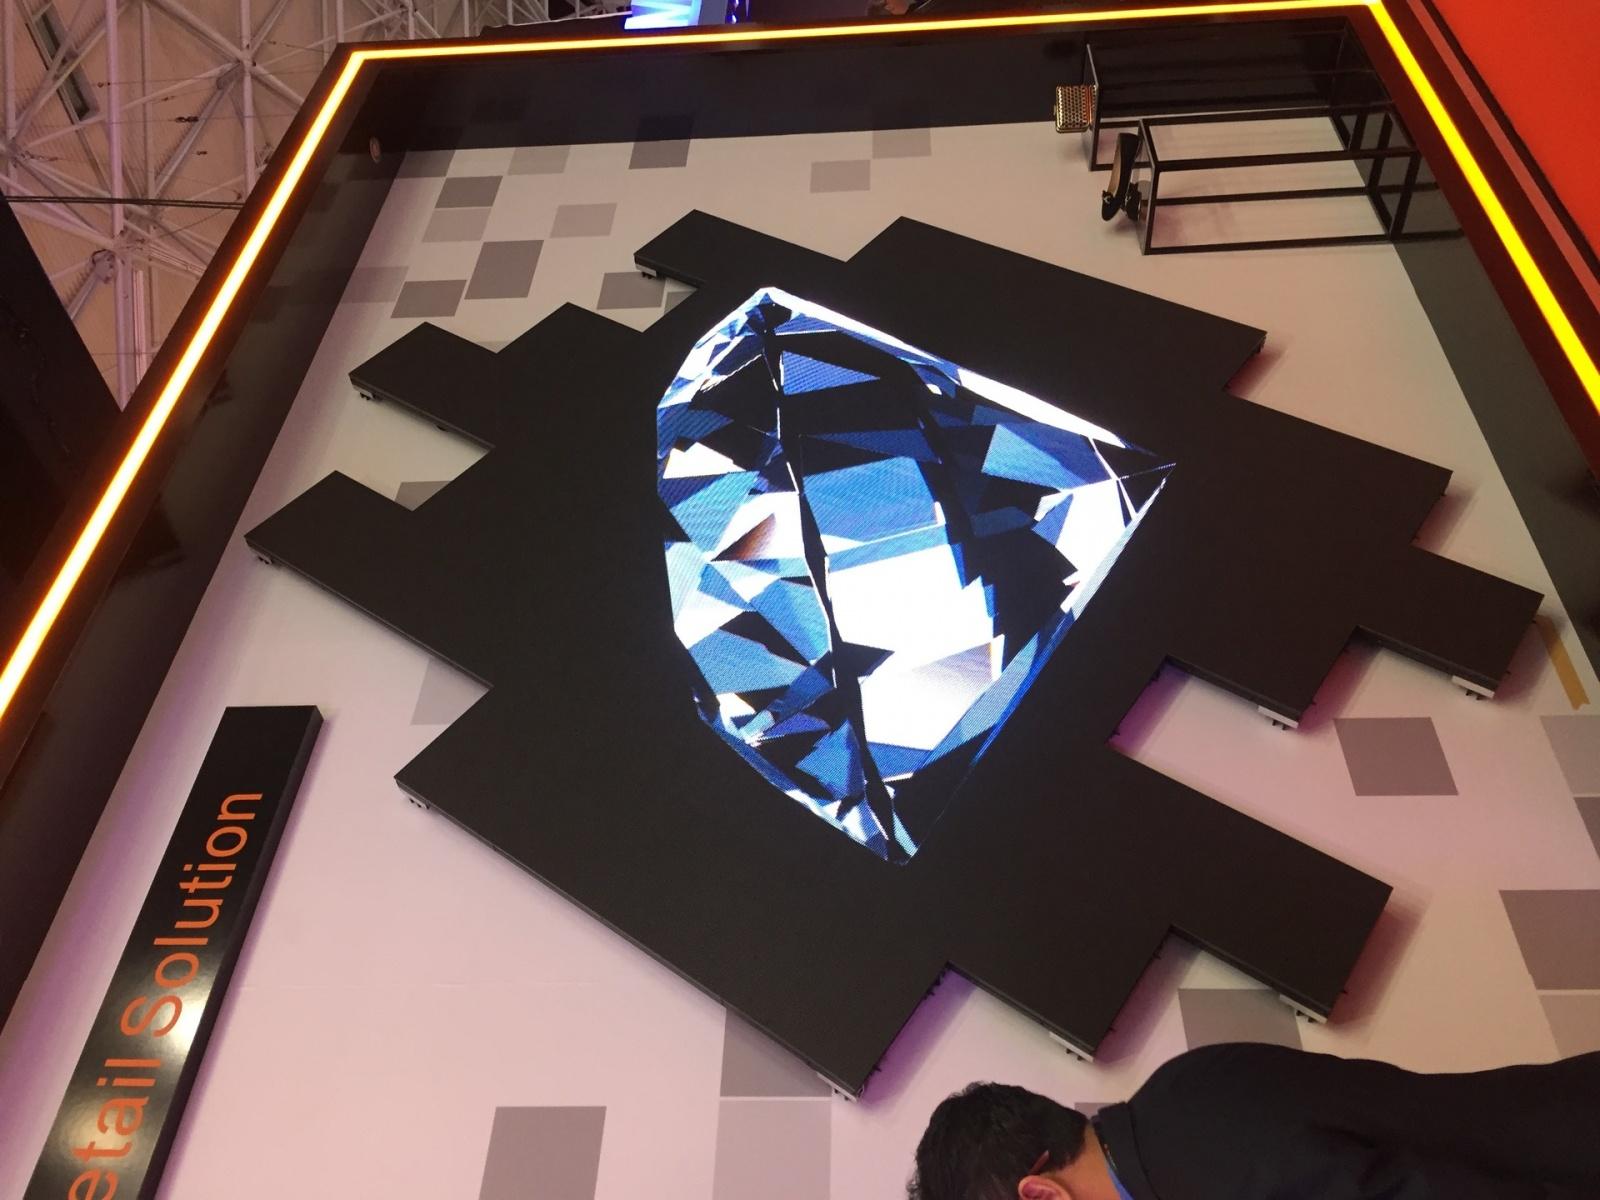 Что было на выставке ISE-2017 (средства отображения, светодиоды, софт для экранов) - 10